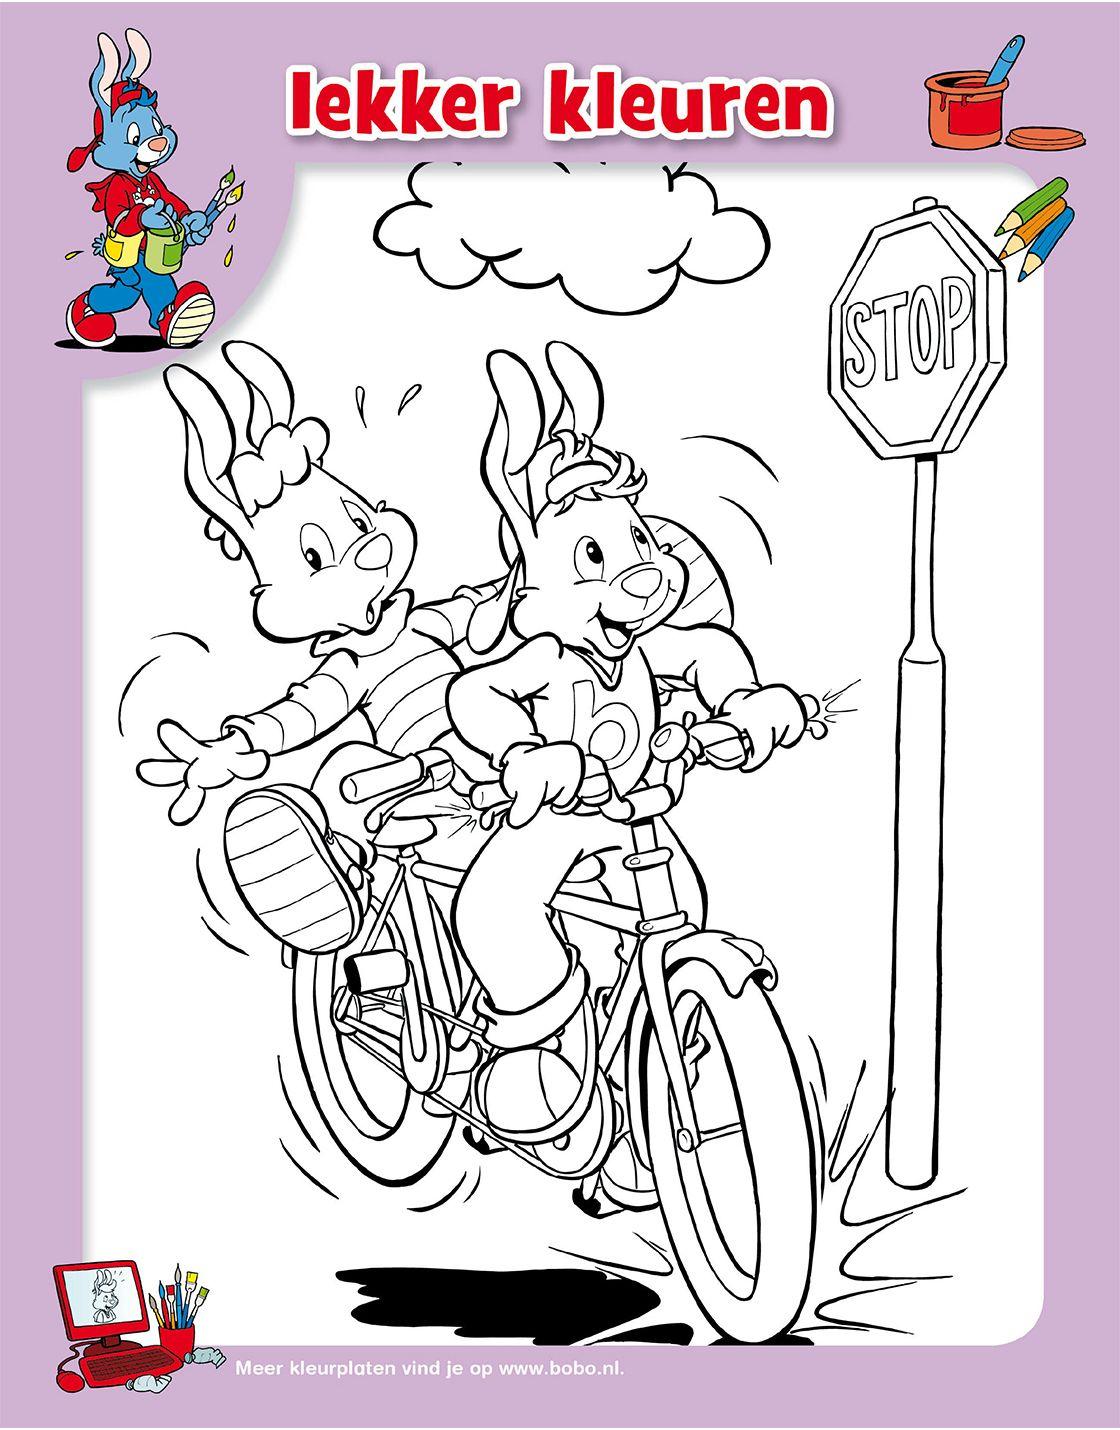 Kleuren Met Bobo En Tjerk Pak Je Kleurtjes En Geef Deze Kleurplaat Kleur In 2021 Kleurplaten Gratis Kleurplaten Kleurplaten Voor Kinderen